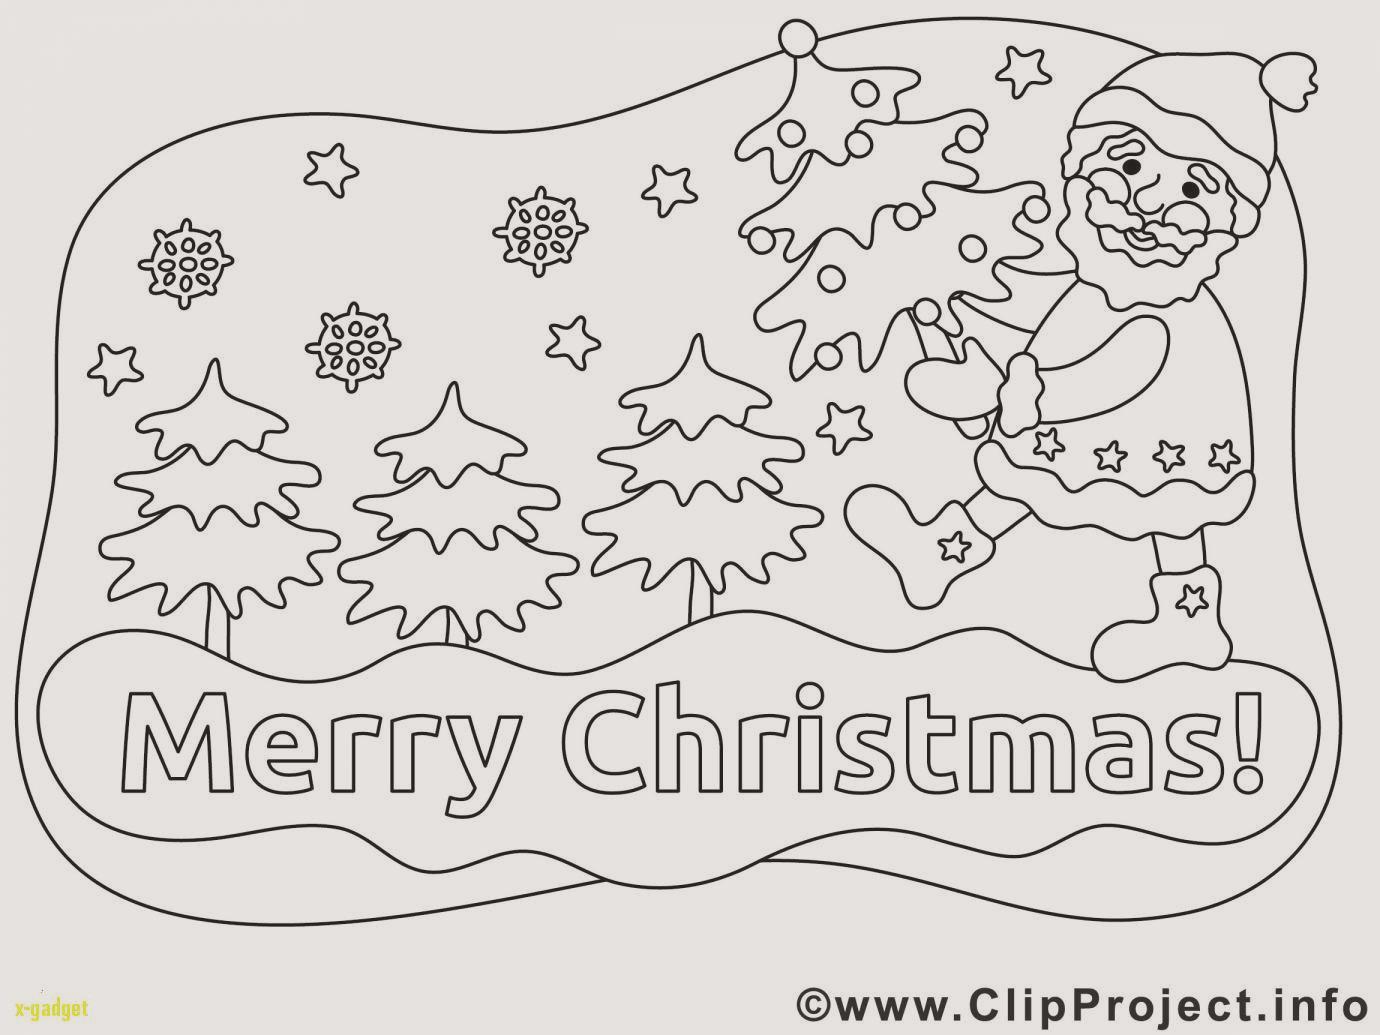 Ausmalbilder Weihnachten Erwachsene Das Beste Von 30 Frisch Ausmalbilder Weihnachten Geschenke Ausdrucken Sammlung